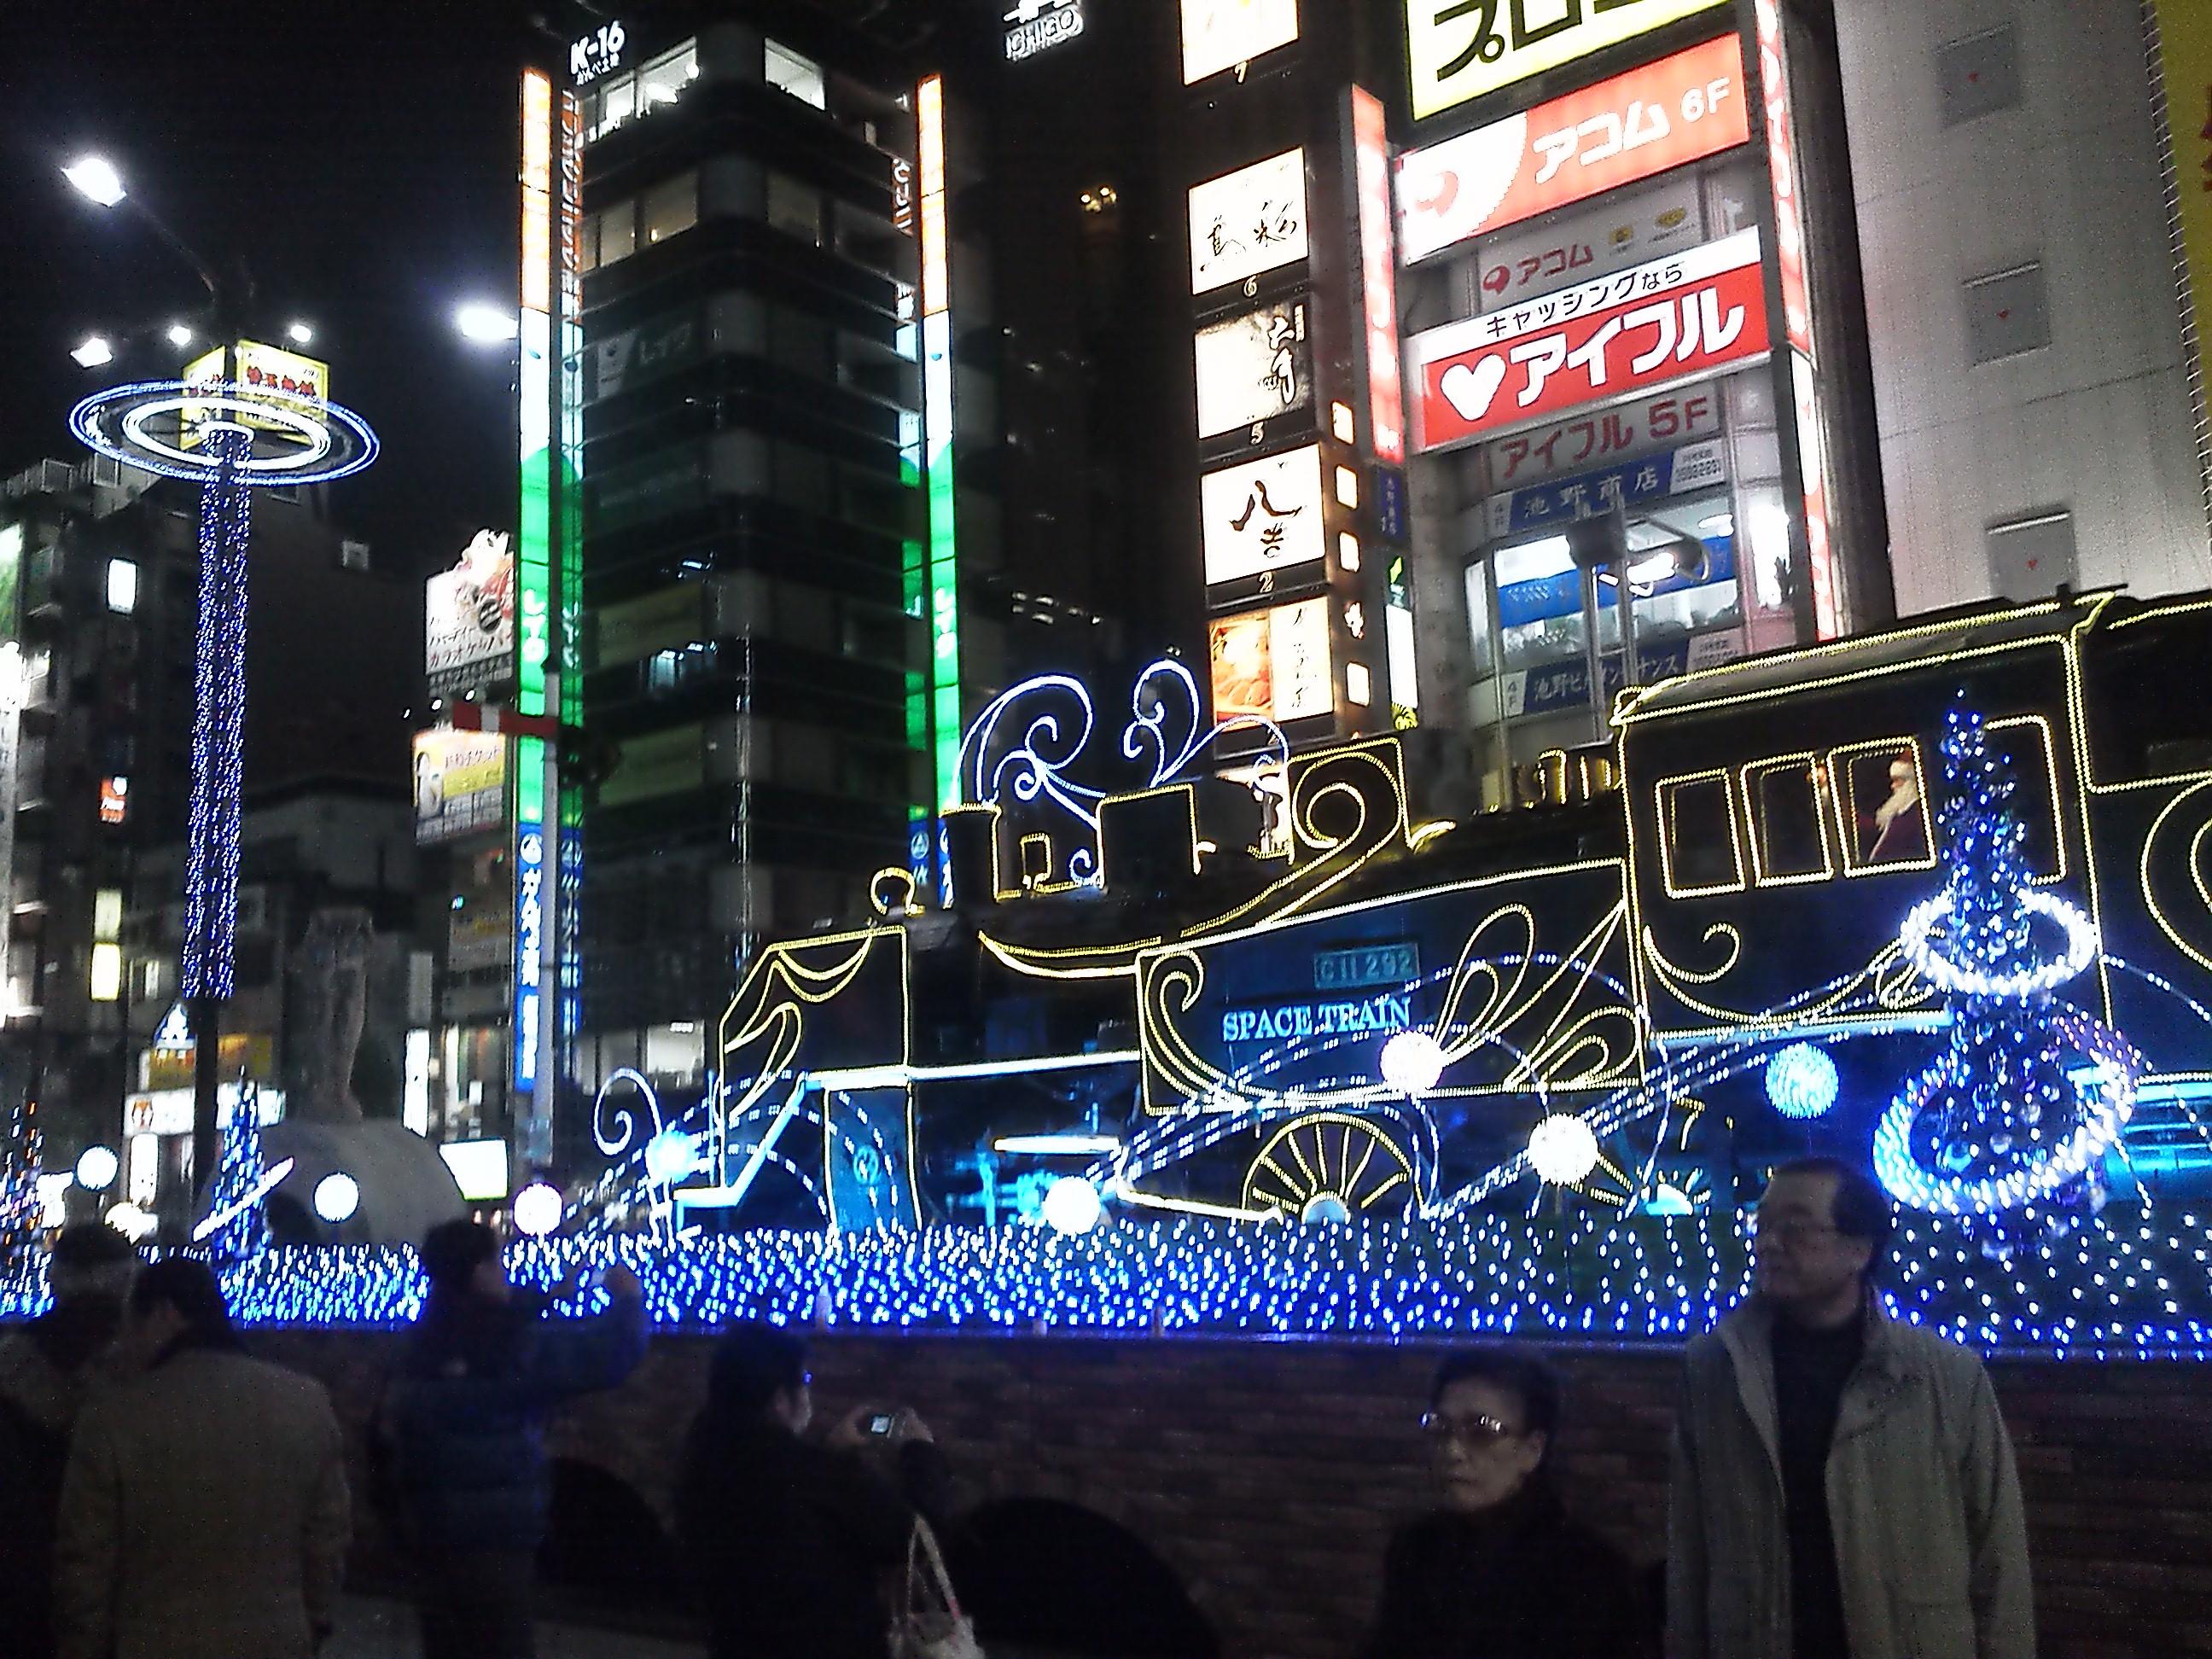 新橋駅 SL広場 ライトアップ